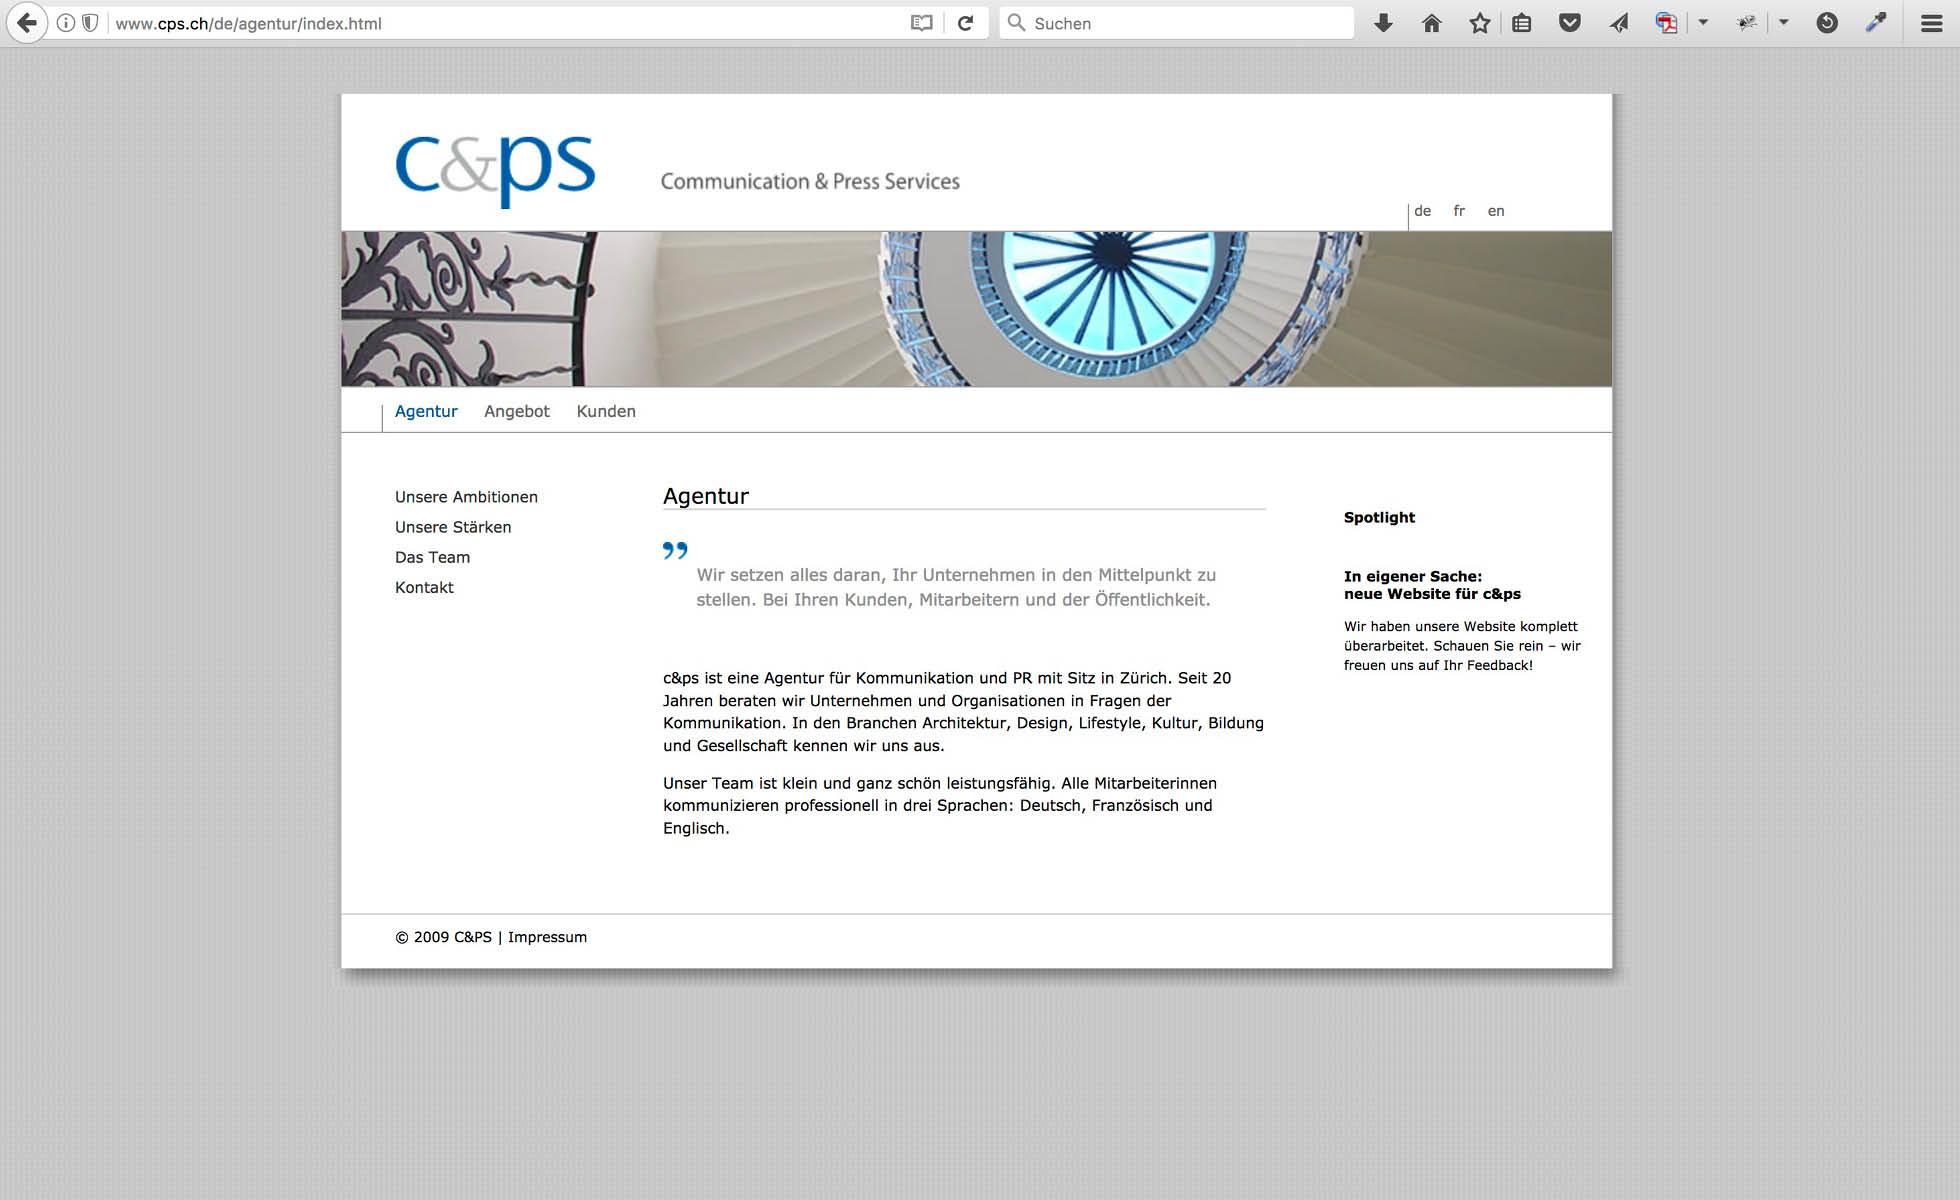 cd_logo_cps_02.jpg